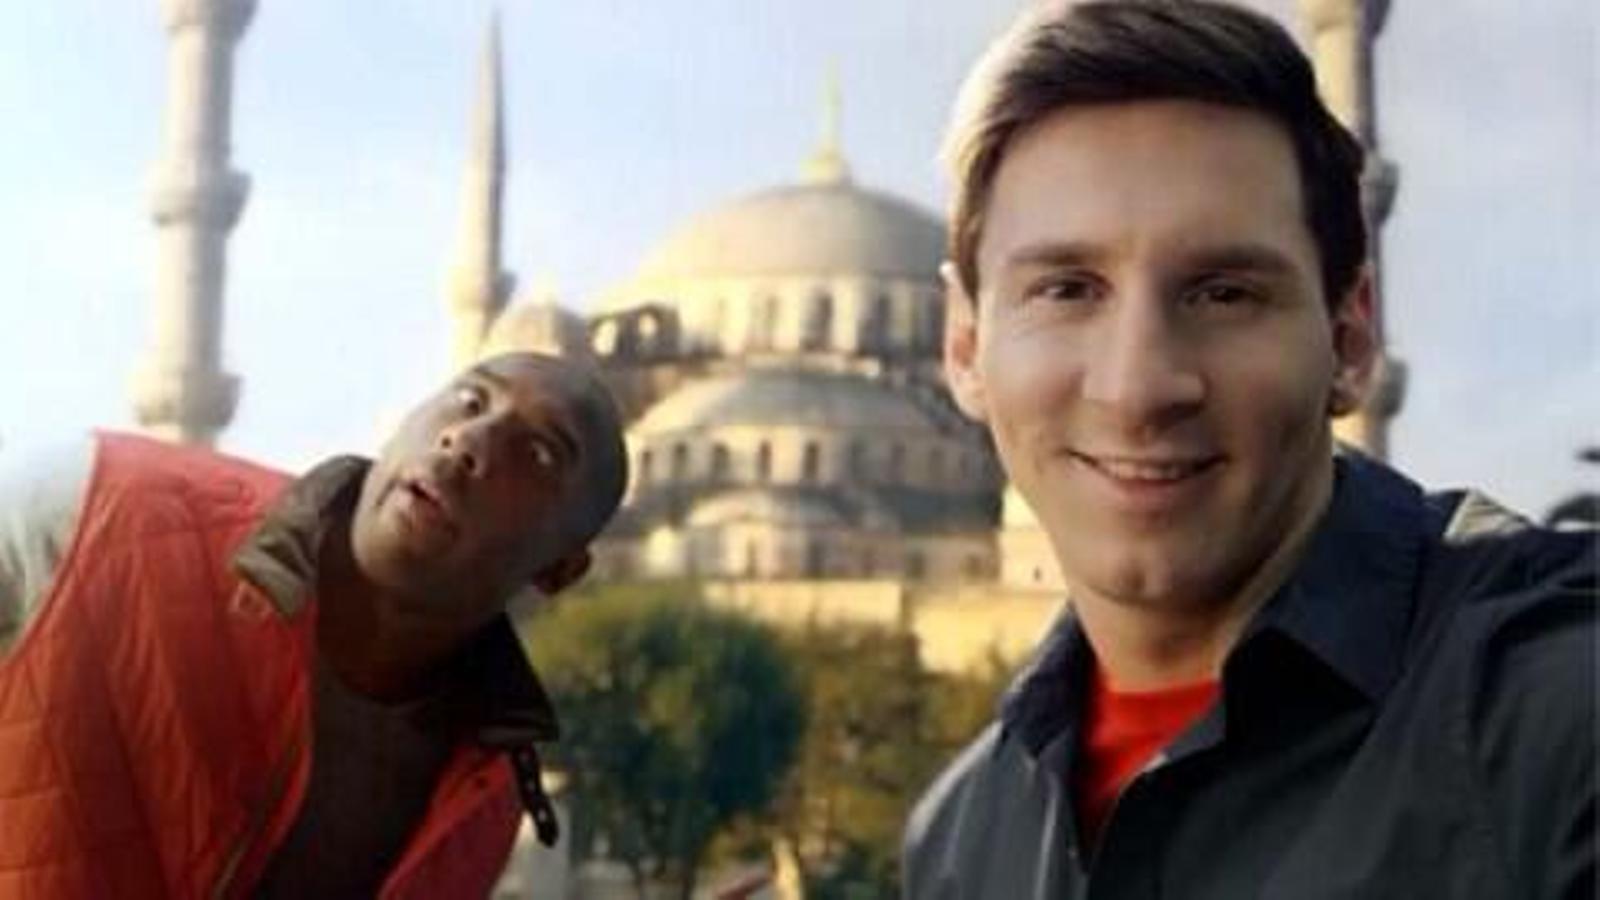 Kobe Bryant i Leo Messi tornen a protagonitzar un anunci